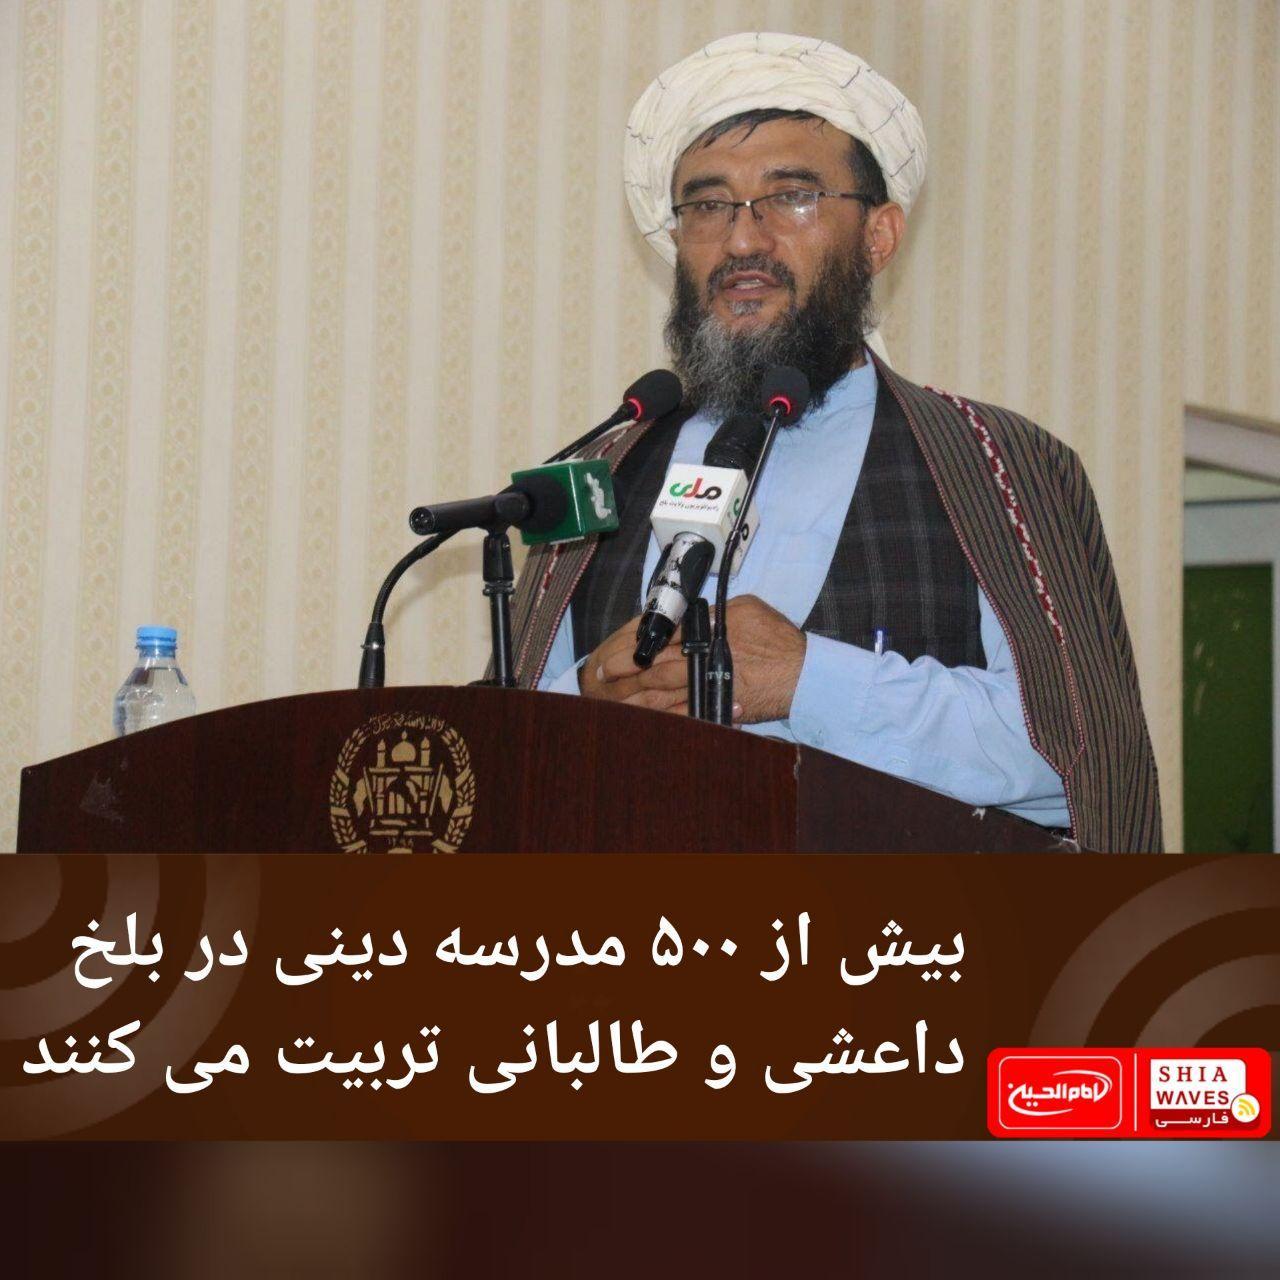 تصویر بیش از ۵۰۰ مدرسه دینی در بلخ داعشی و طالبانی تربیت می کنند